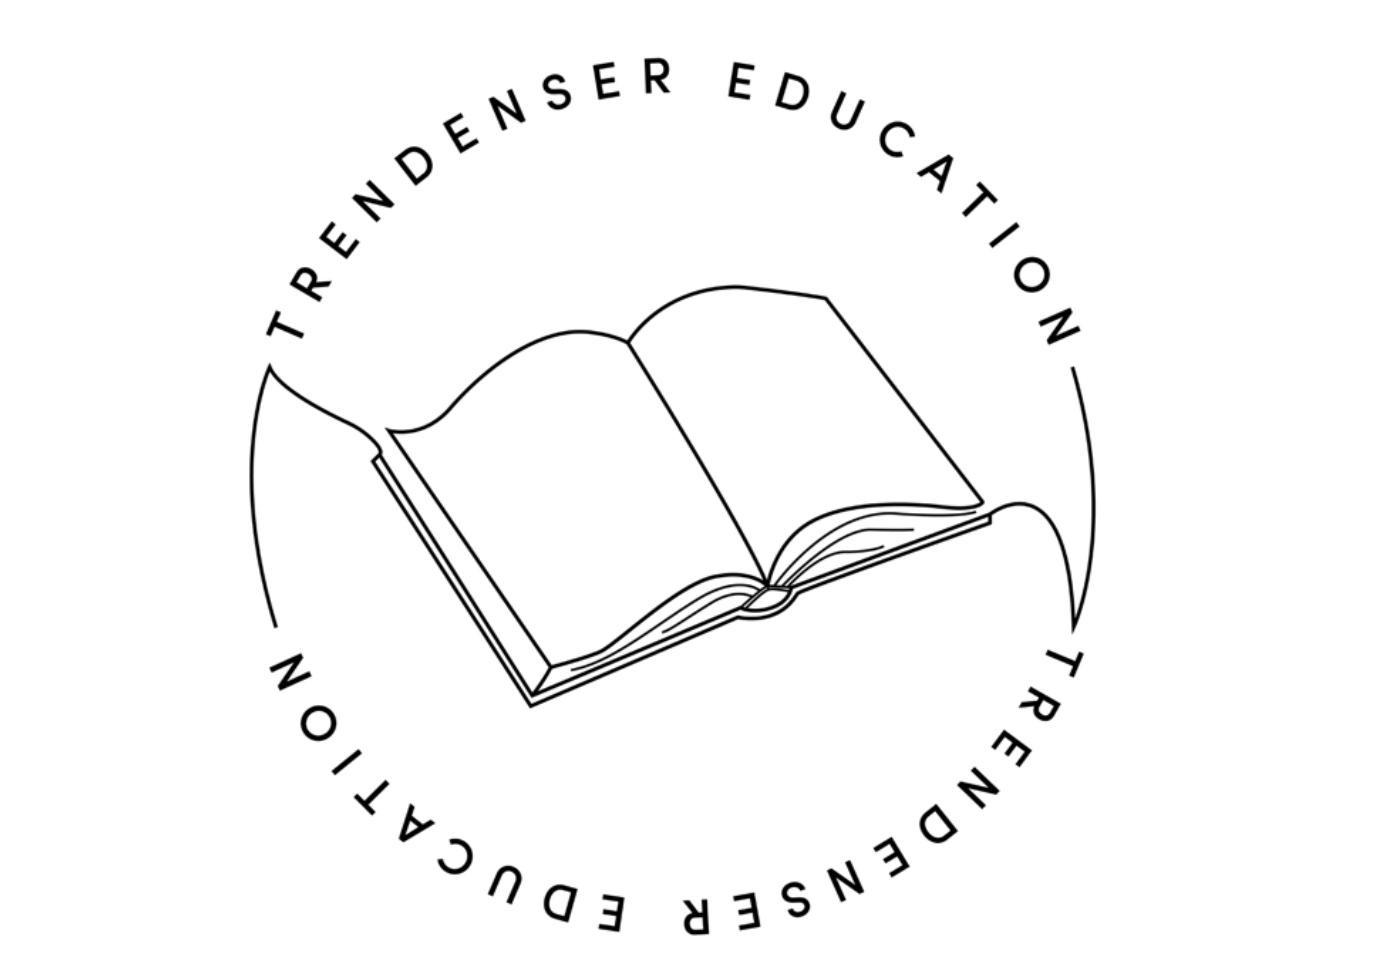 Trendenser education inredningsutbildning